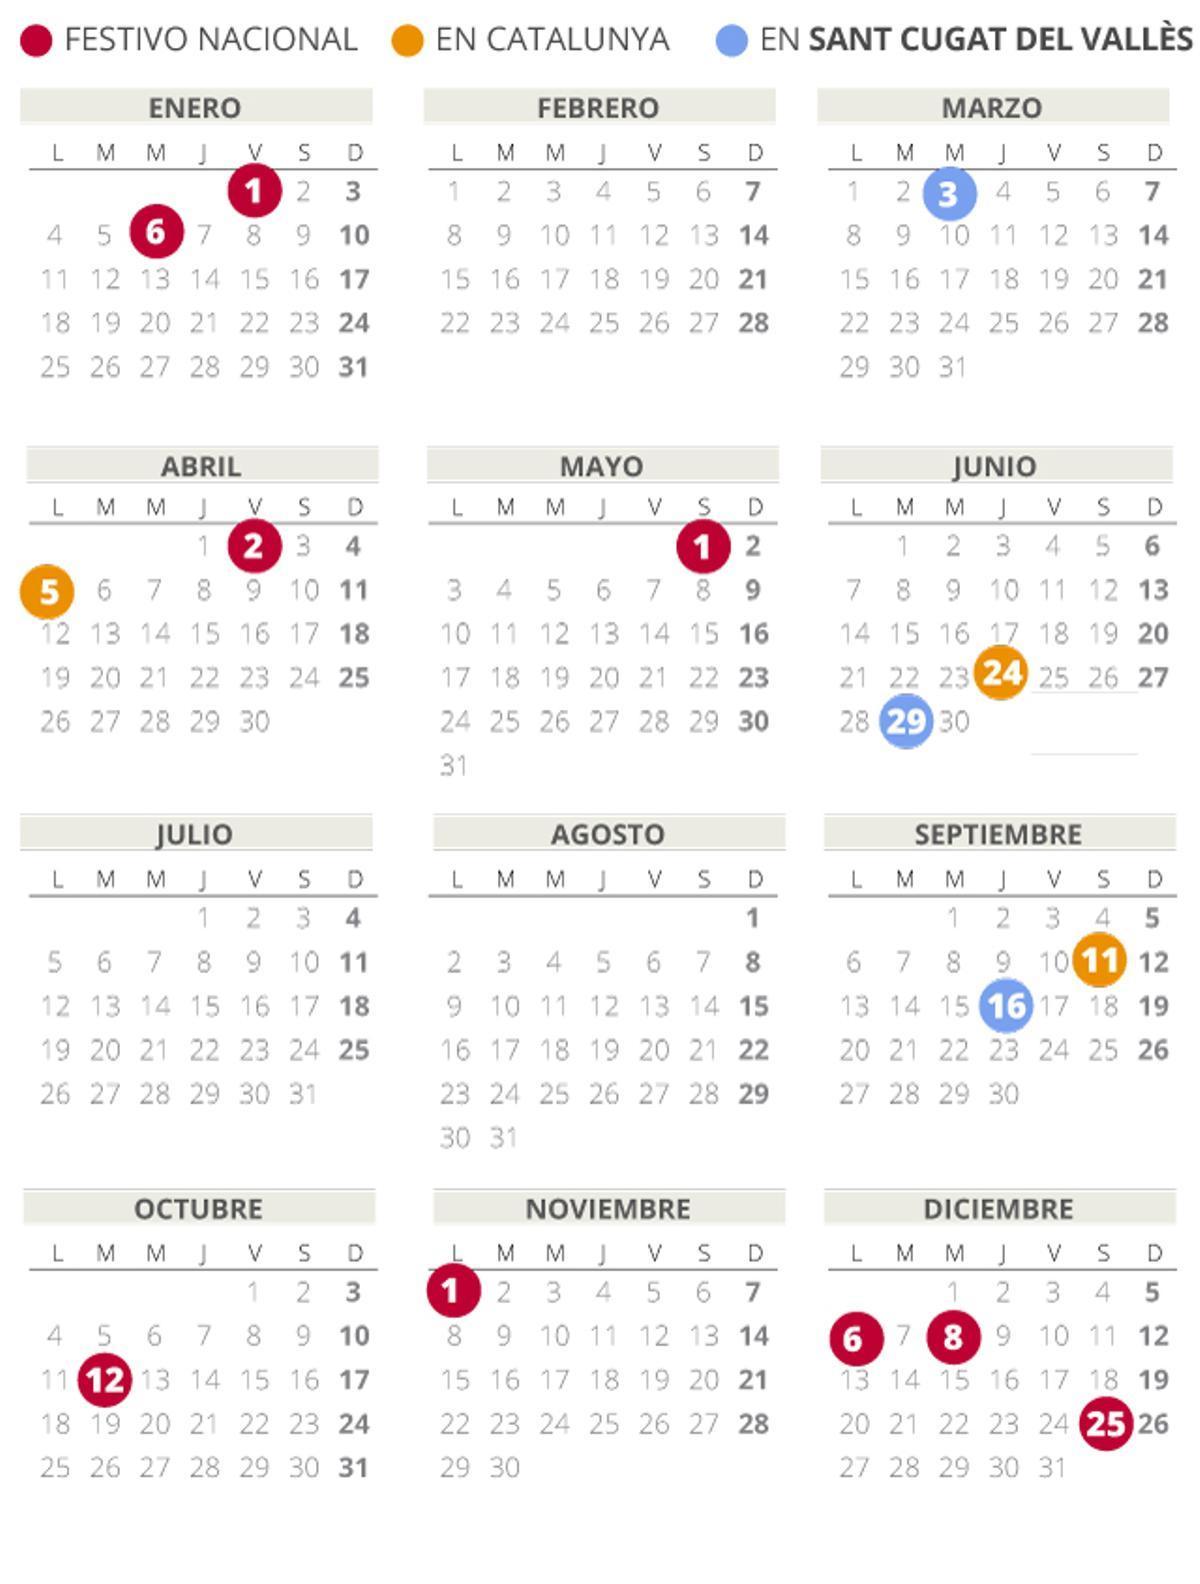 Calendario laboral de Sant Cugat del Vallès del 2021 (con todos los festivos)